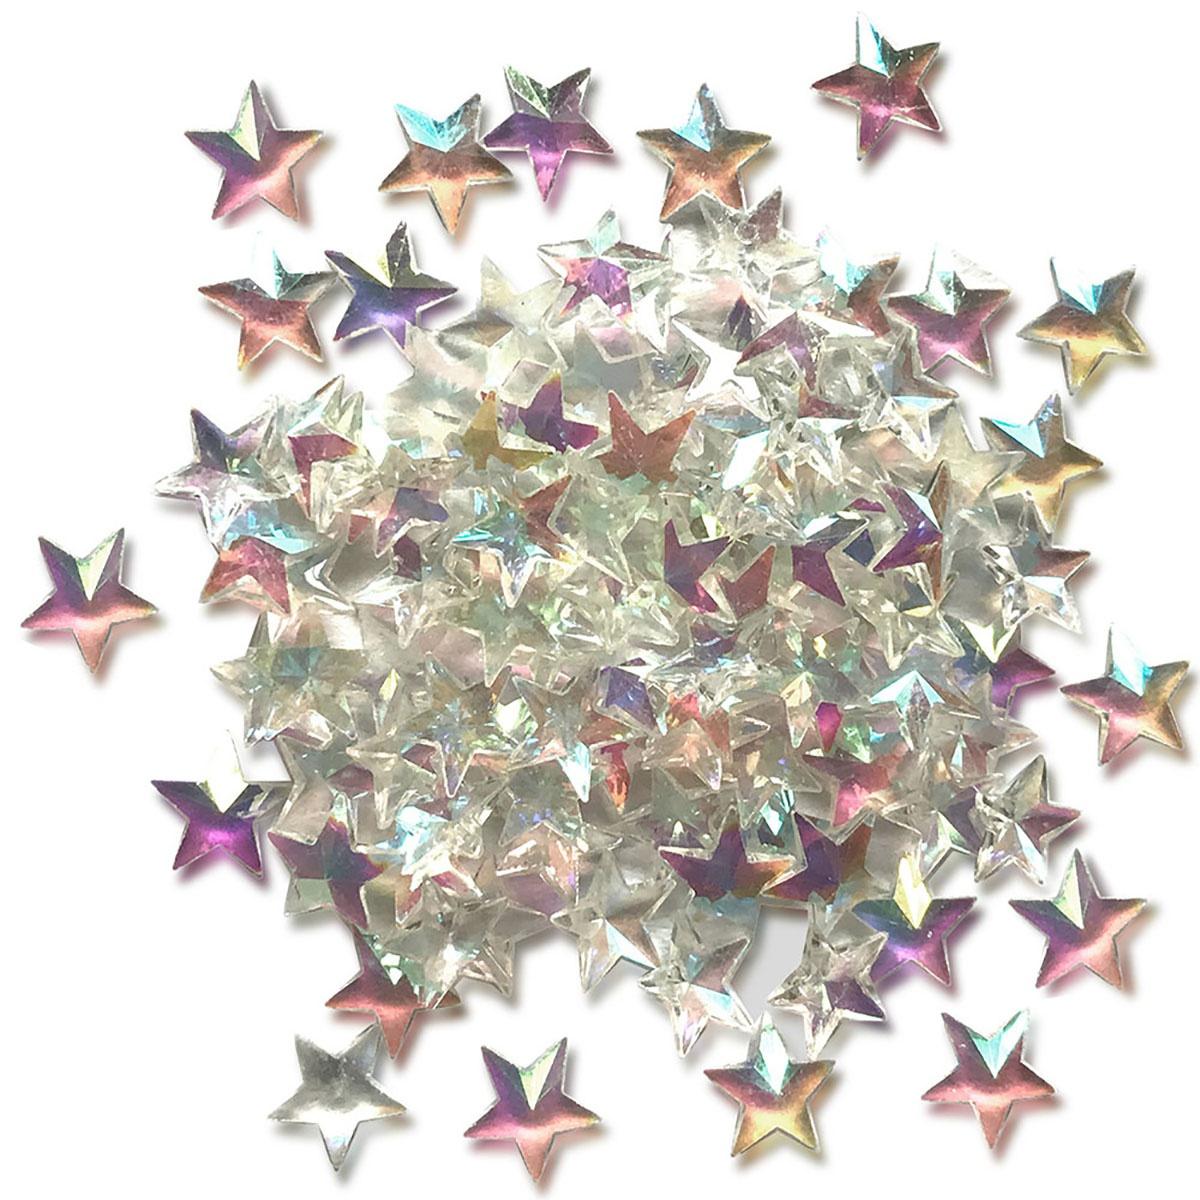 Sparkletz Embellishment Pack 10g-Crystal Stars